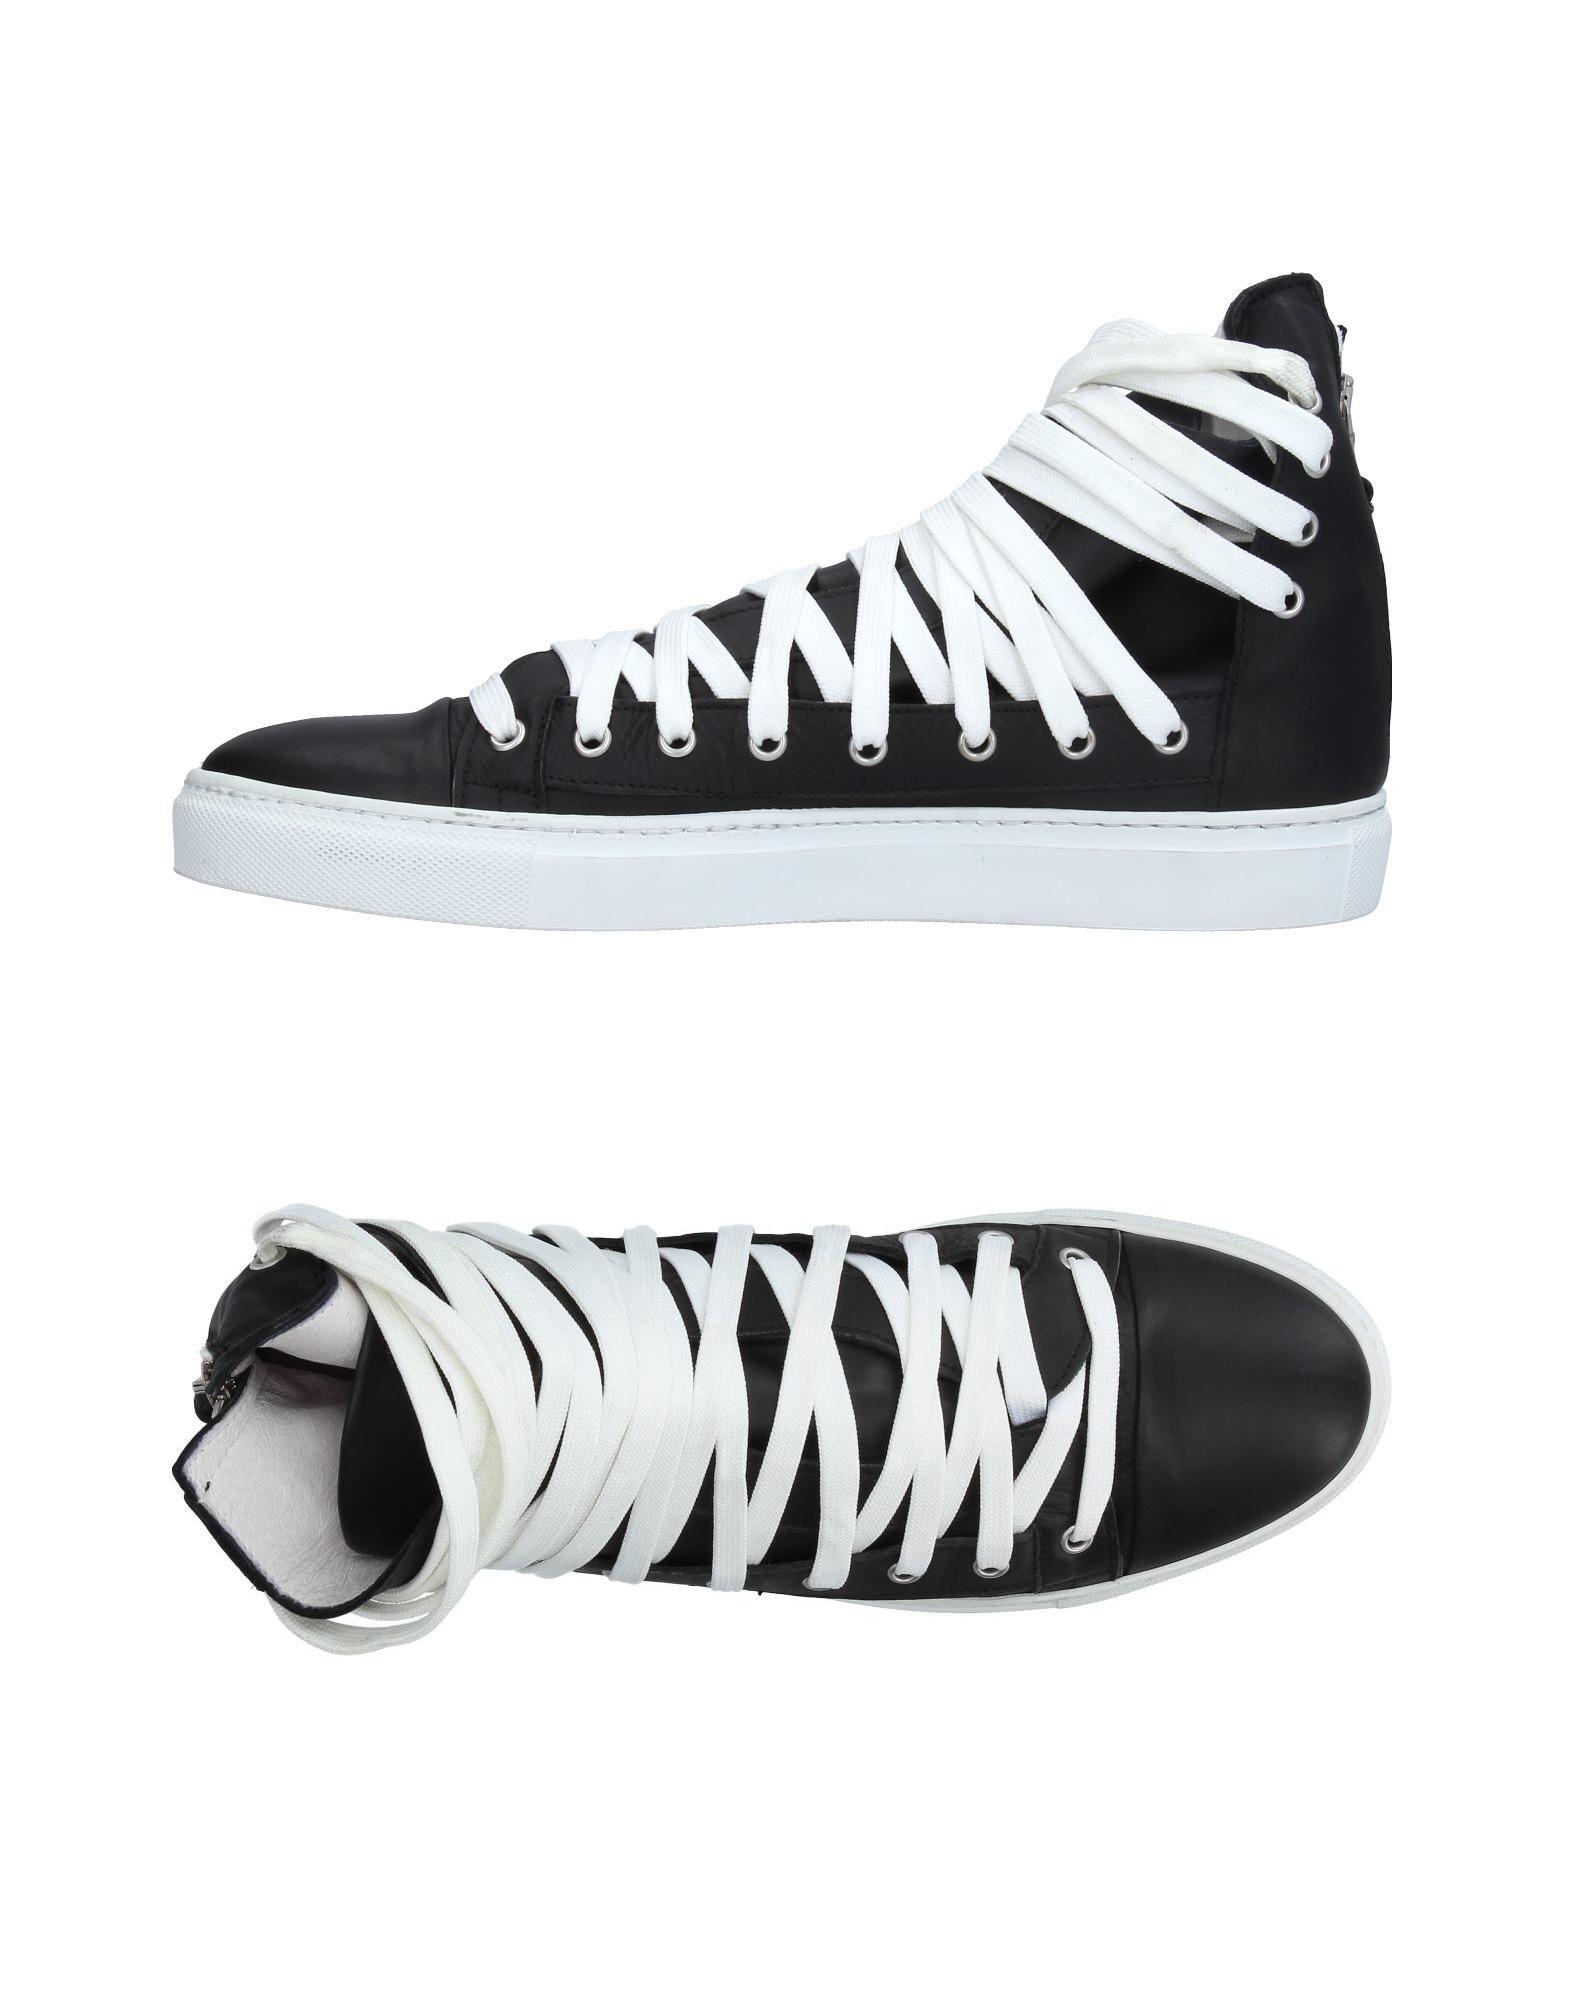 Rabatt echte Schuhe Malto O★M  Orzo & Malto Schuhe Sneakers Herren  11228472UA cf2c45